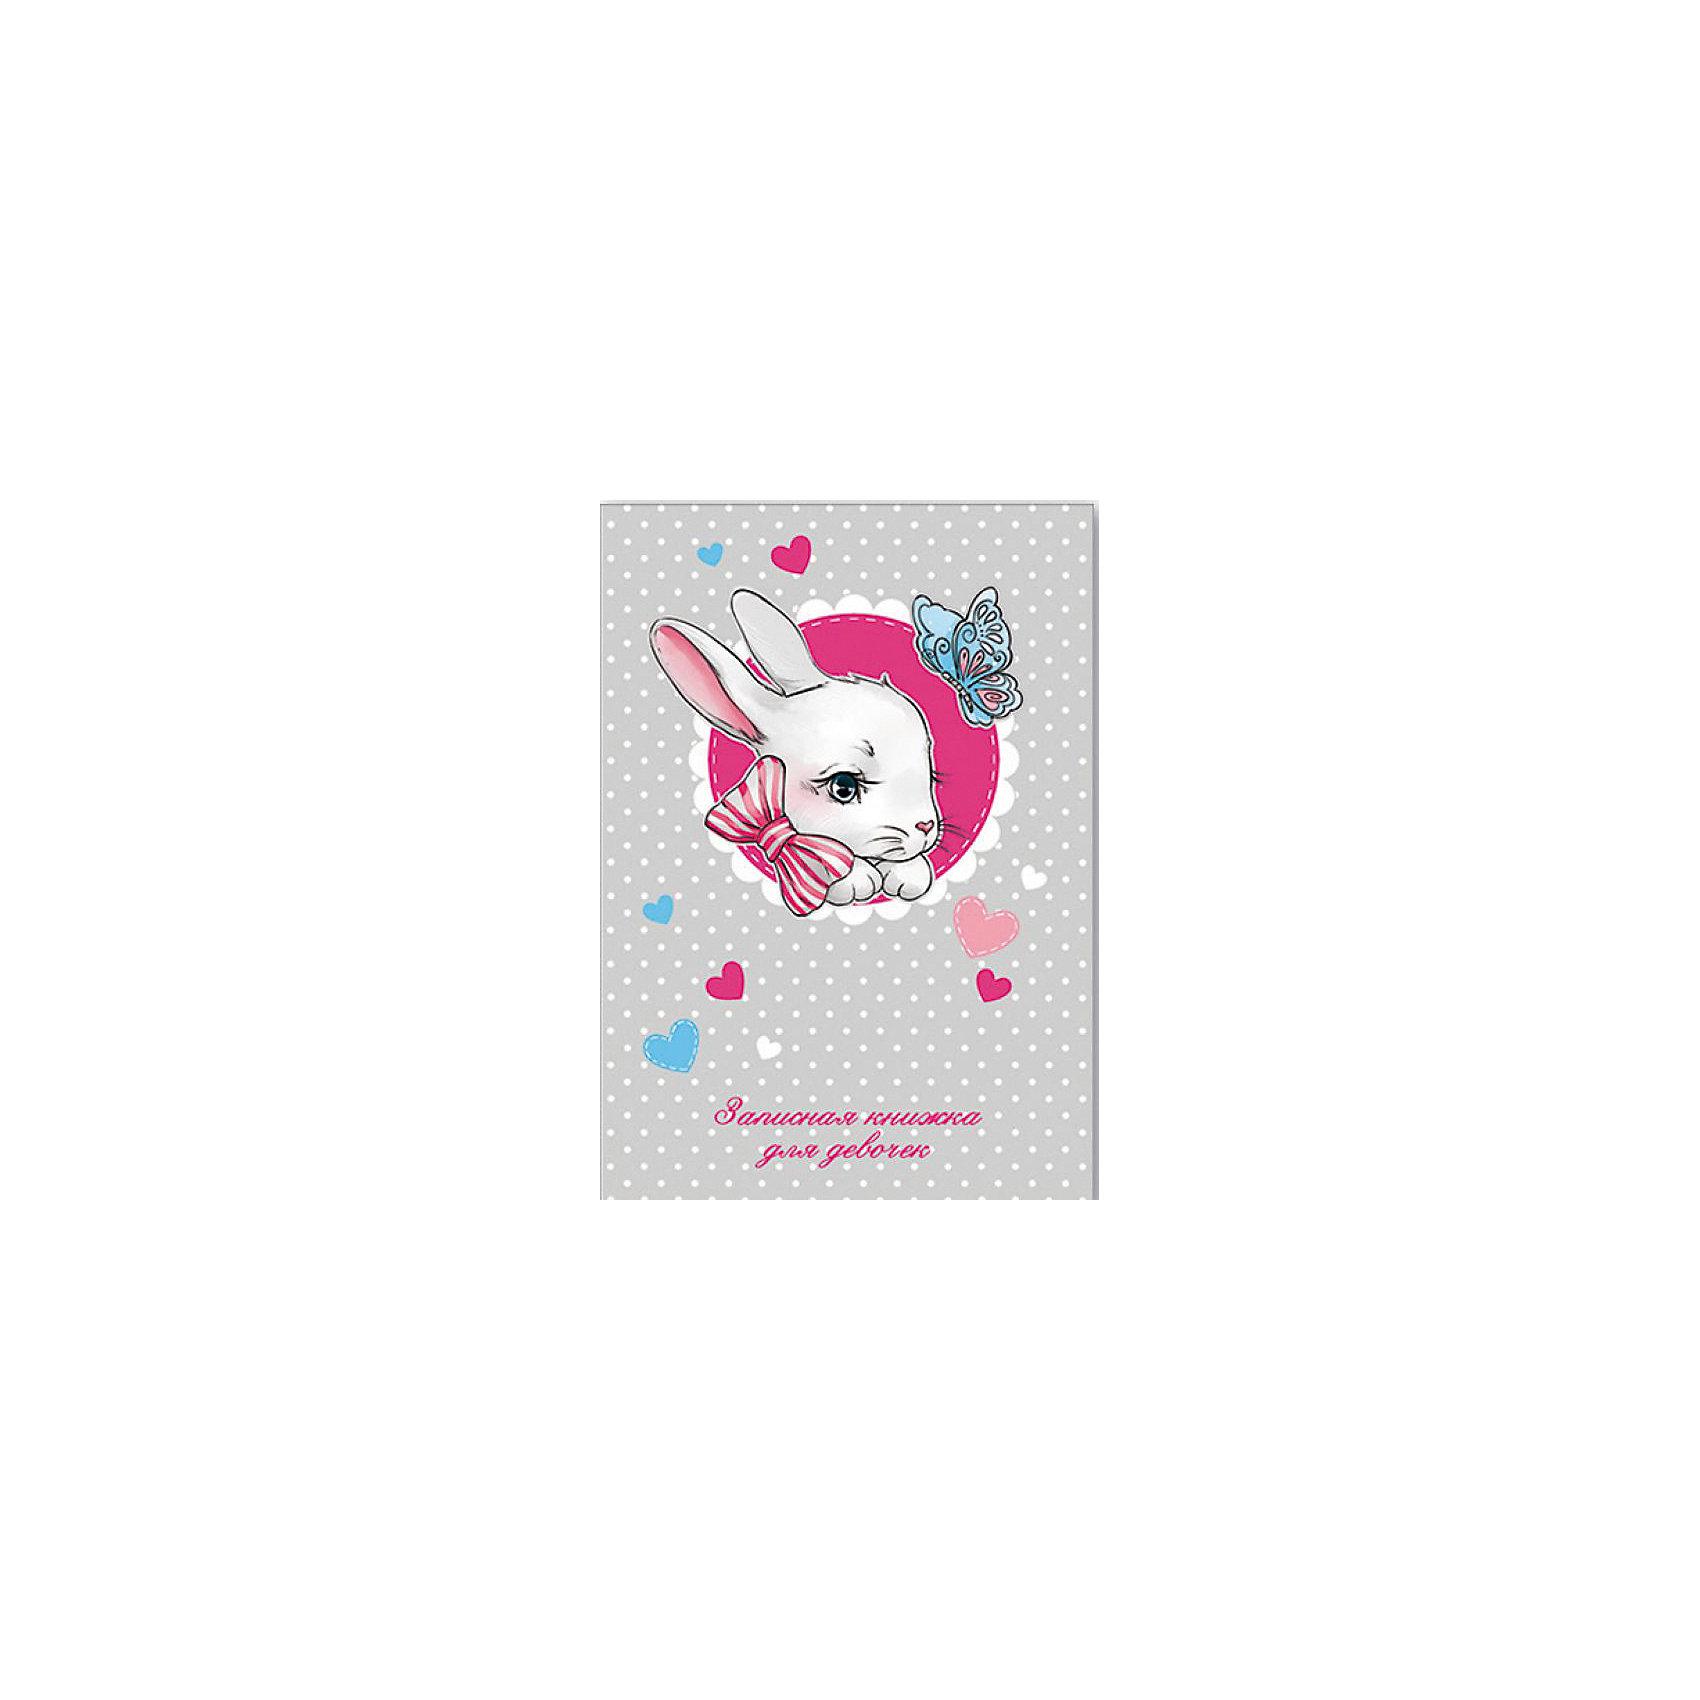 Записная книжка Крольчонок Феникс+Бумажная продукция<br>Записная книжка для девочек КРОЛЬЧОНОК /А5, 7БЦ, блок 4+4, 80 гр. Офсет, обл. 4+0, ламинация, тисн. фольгой/<br><br>Ширина мм: 205<br>Глубина мм: 145<br>Высота мм: 10<br>Вес г: 210<br>Возраст от месяцев: 72<br>Возраст до месяцев: 2147483647<br>Пол: Женский<br>Возраст: Детский<br>SKU: 7046211